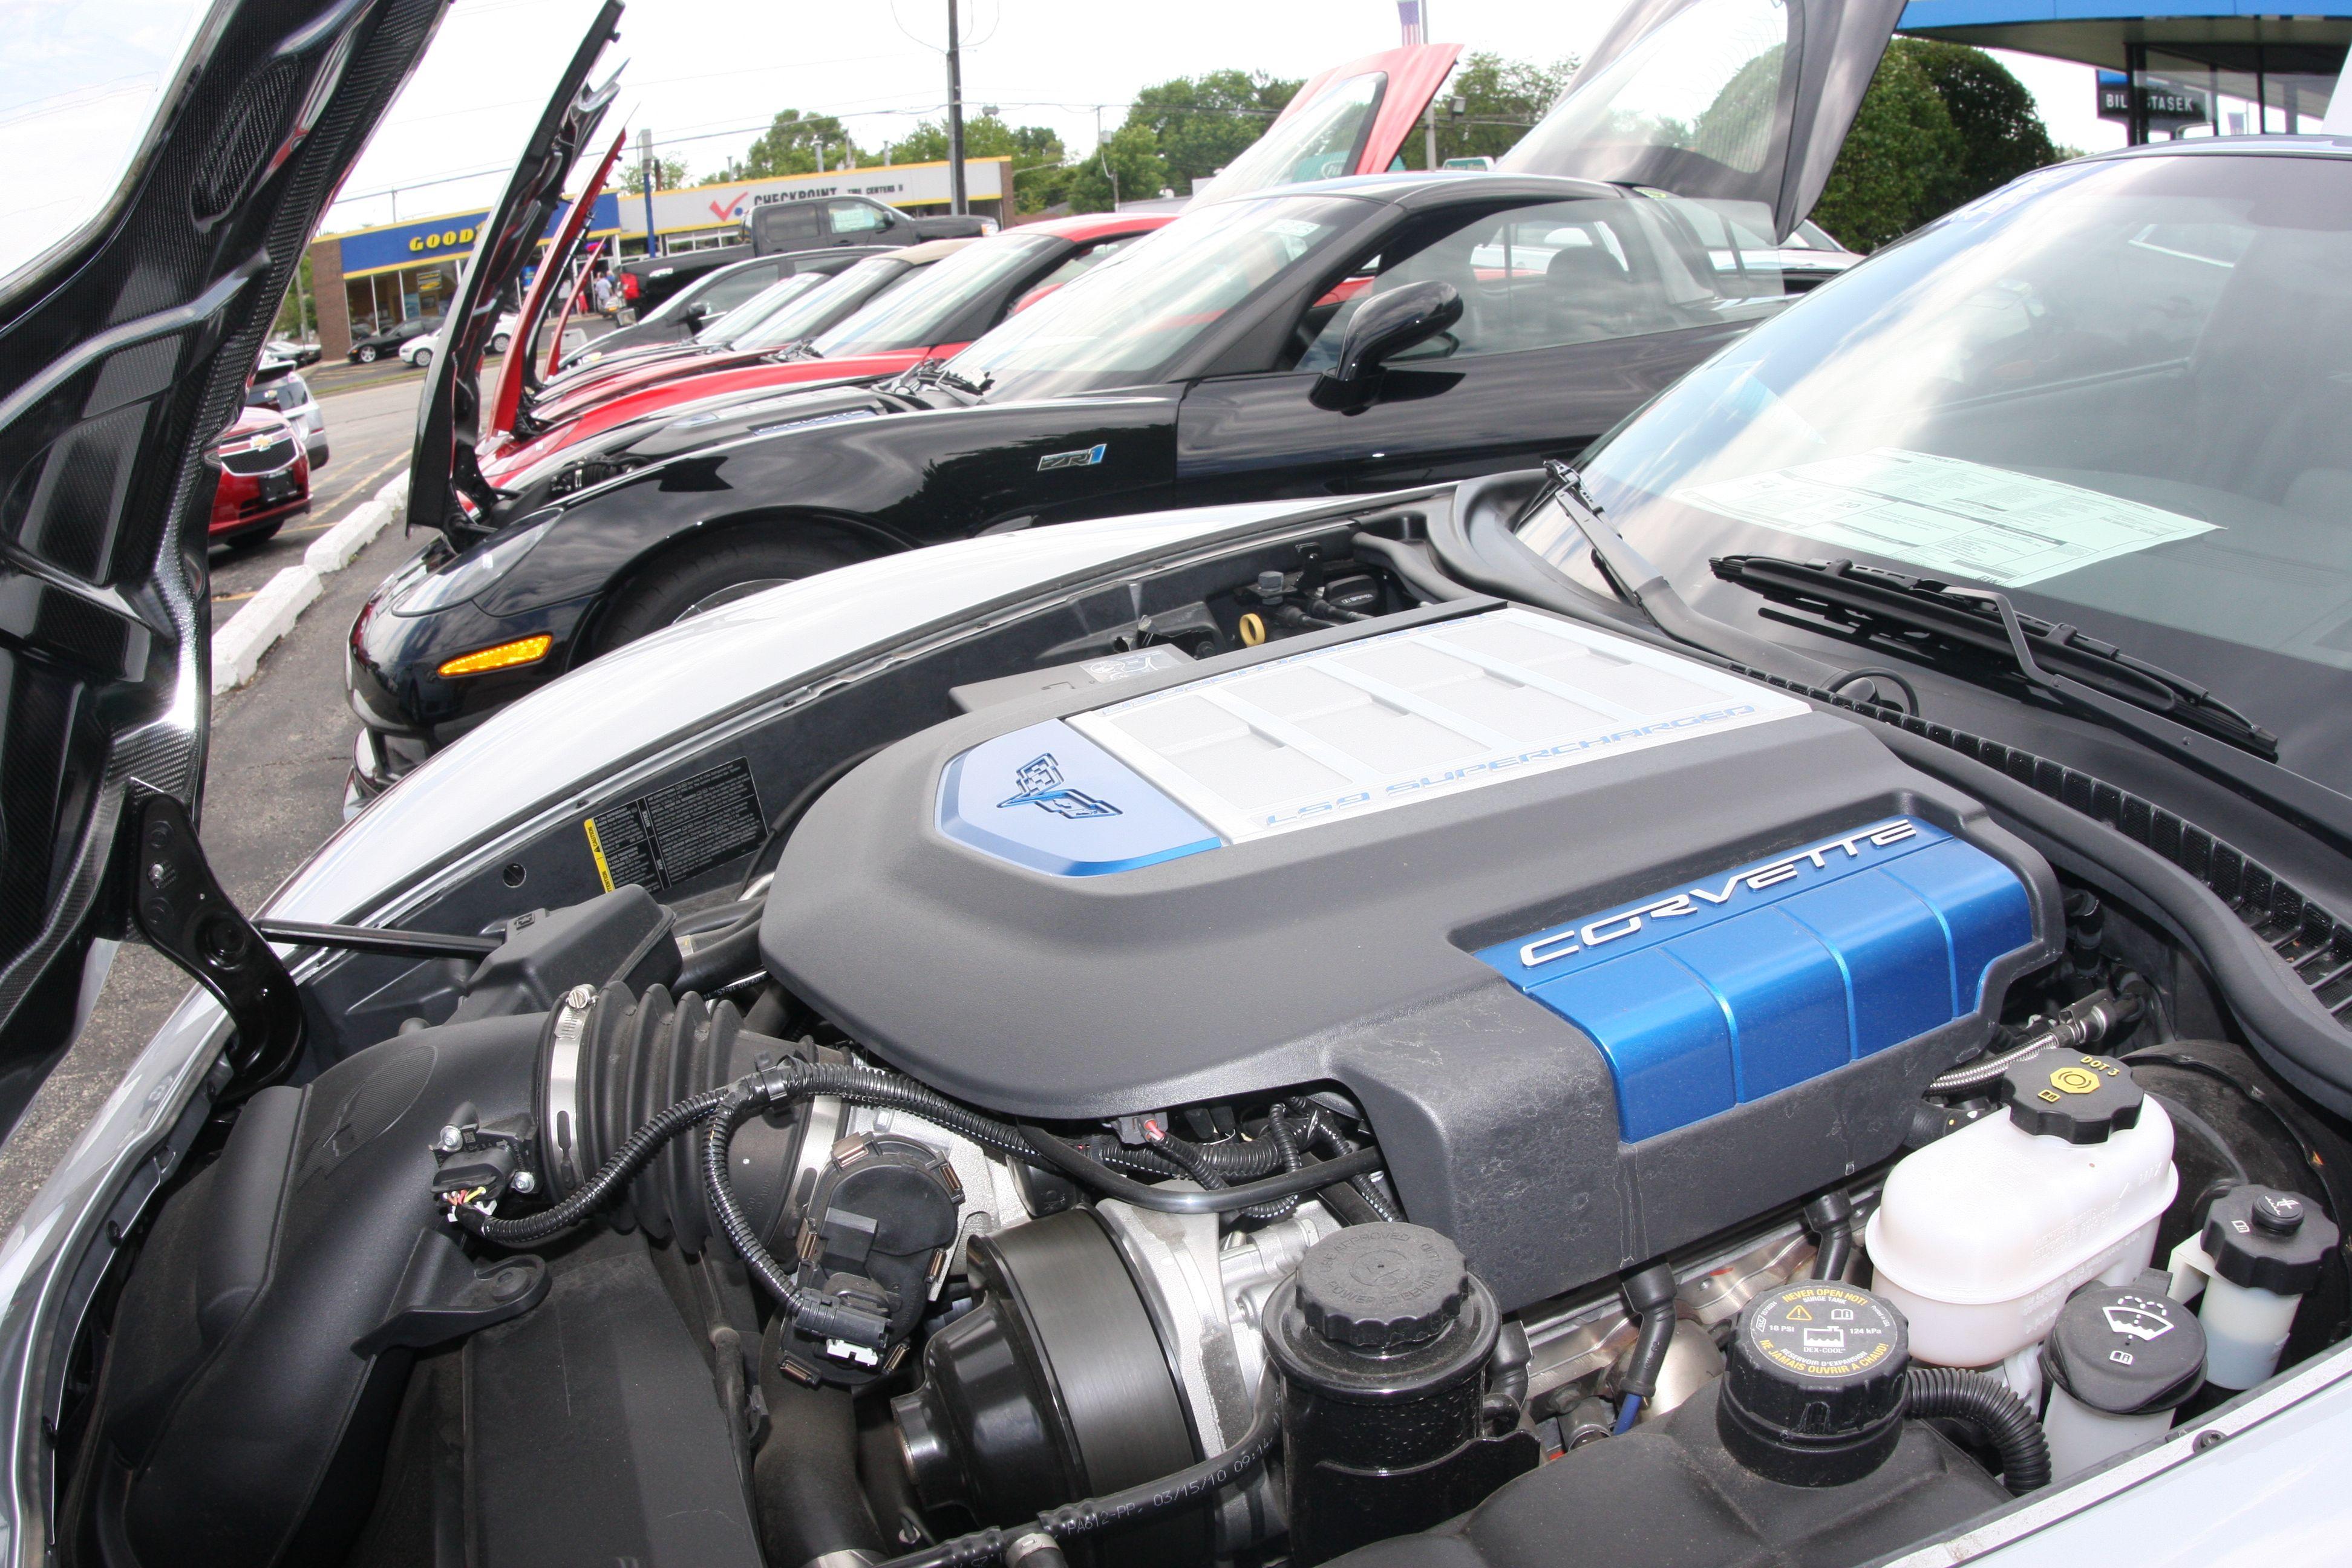 Stasek Chevrolet Largest Corvette Dealer In The Central Region